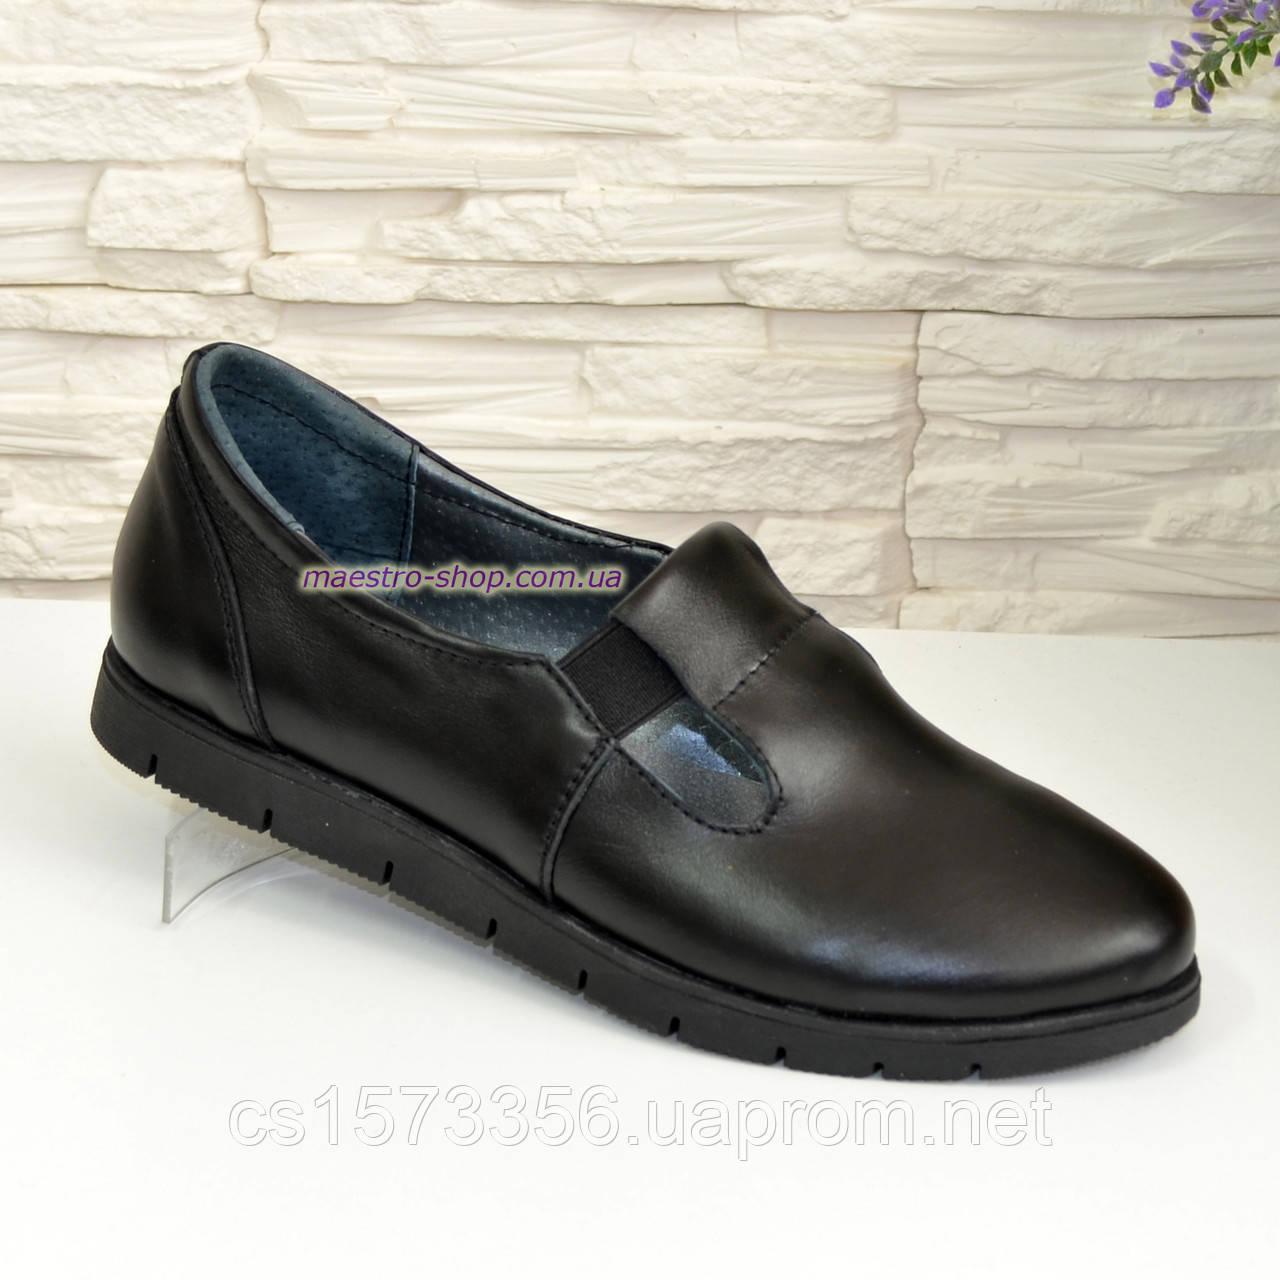 Кожаные женские туфли на низком ходу